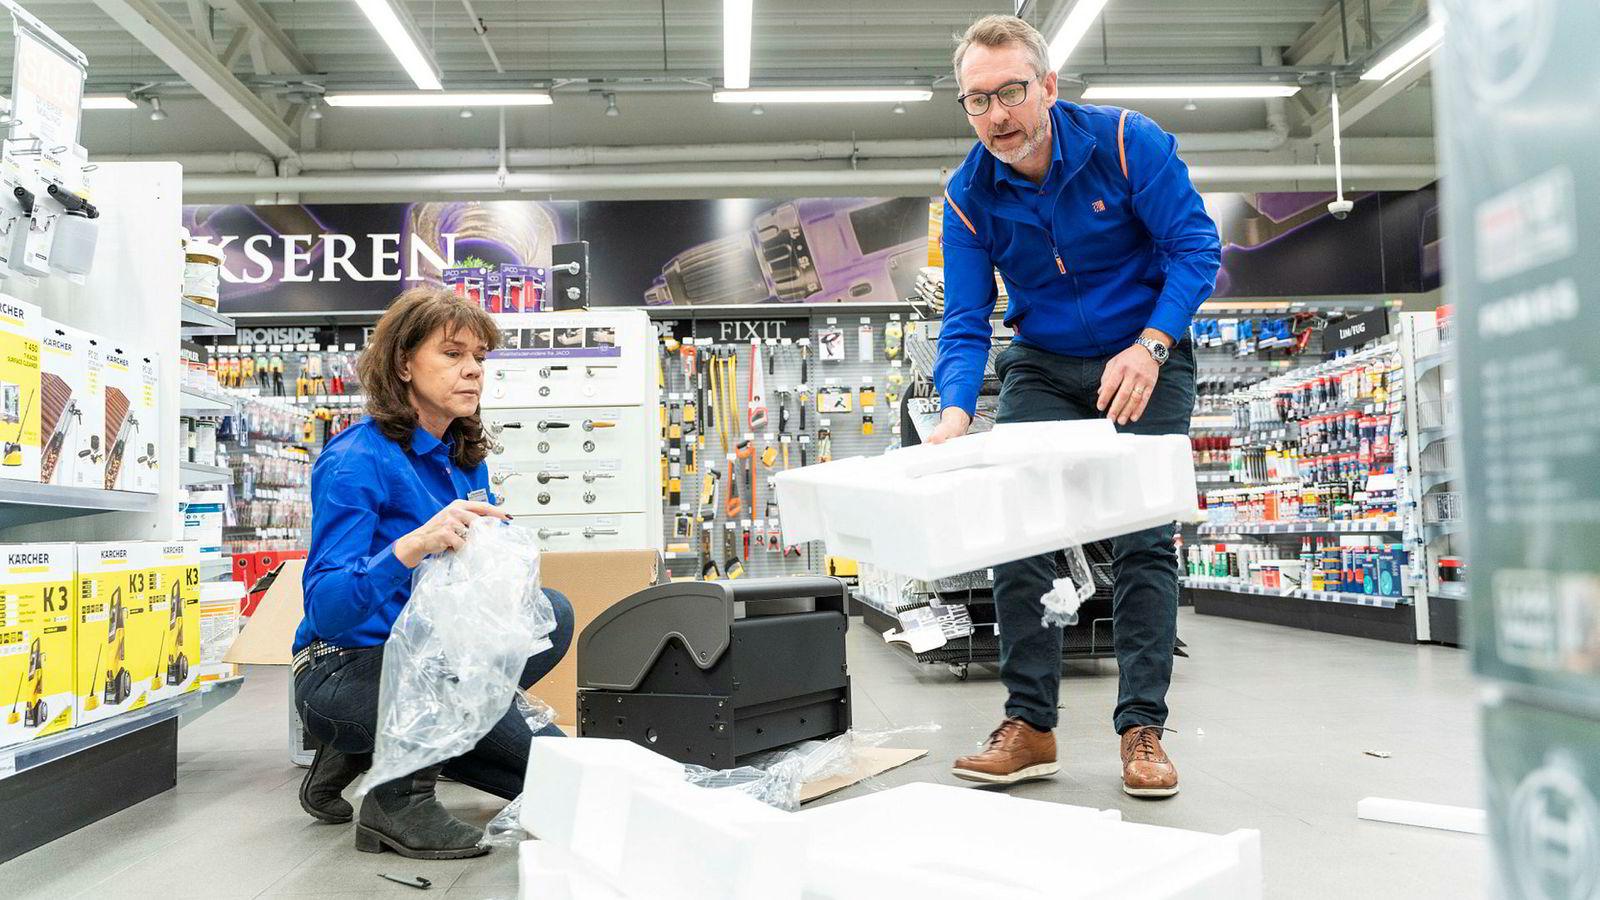 Butikksjef Jannicke Hovind og konsernsjef Espen Karlsen i Jernia pakker opp en grill produsert i Kina og sitter igjen med en stor haug isopor- og plastemballasje. – Det er dette vi nå skal til livs, sier Karlsen.